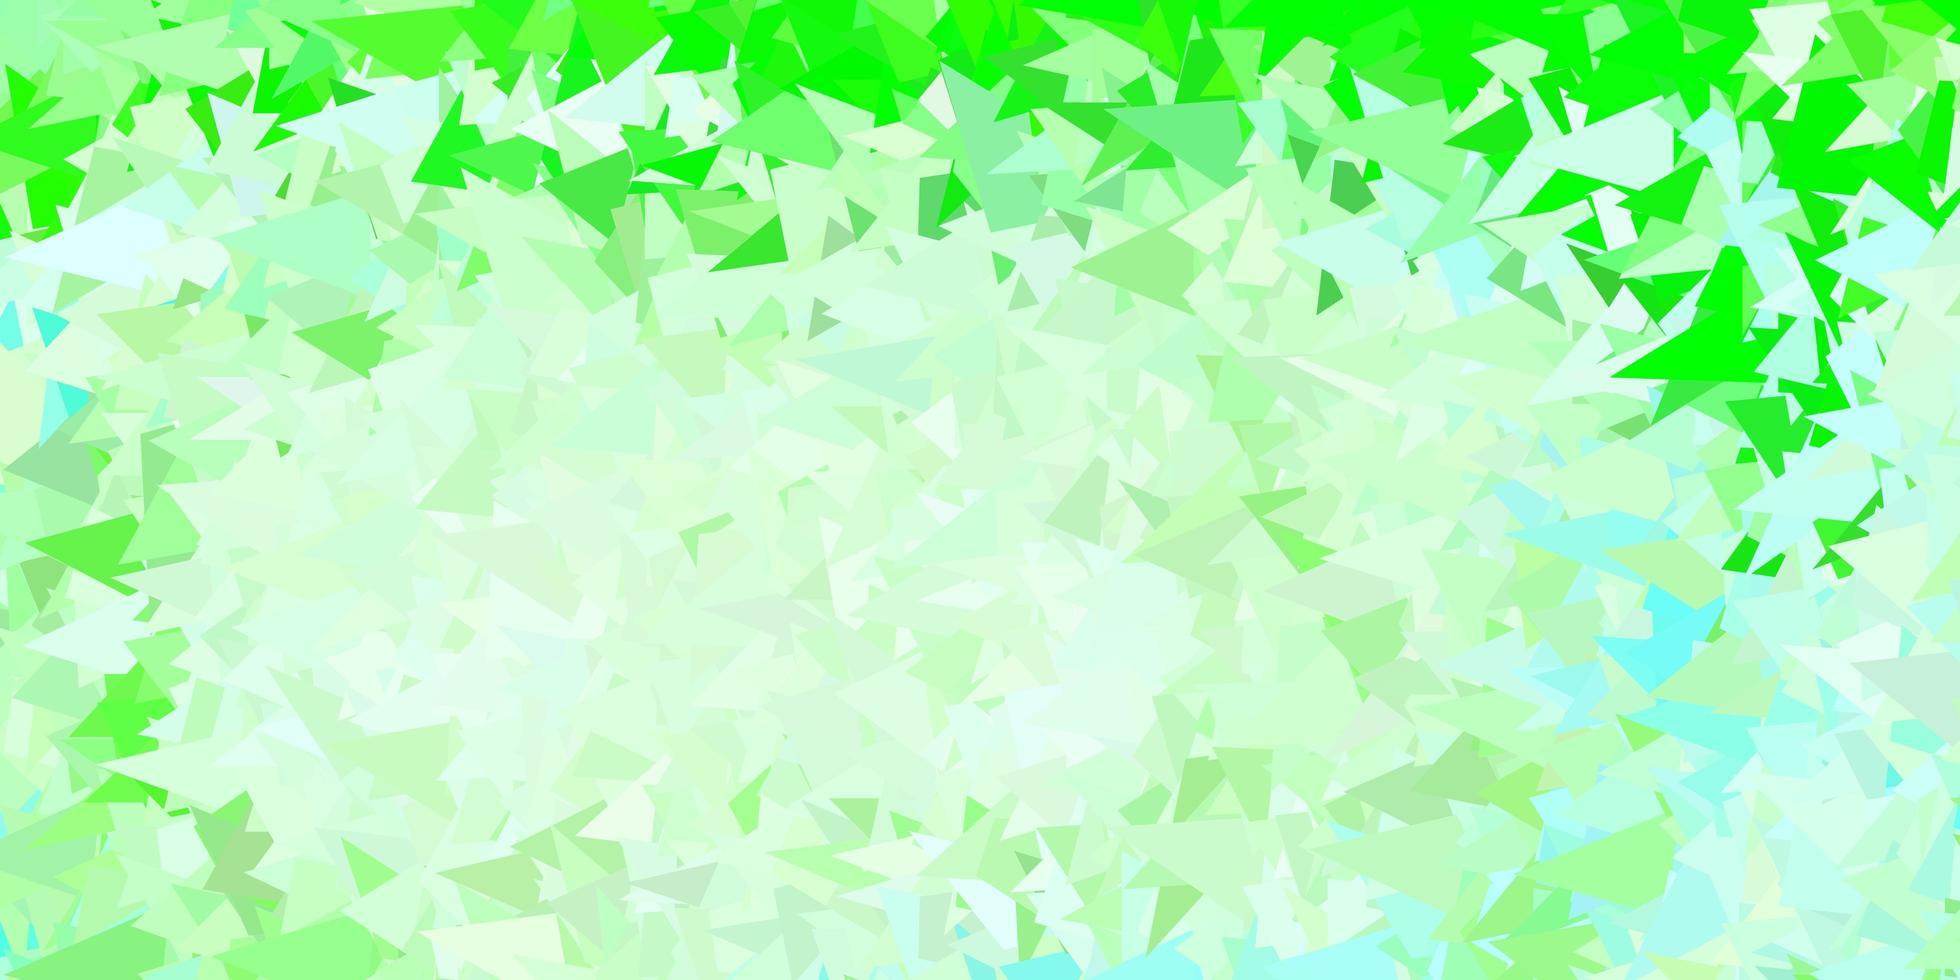 modèle de triangle abstrait vecteur vert clair.